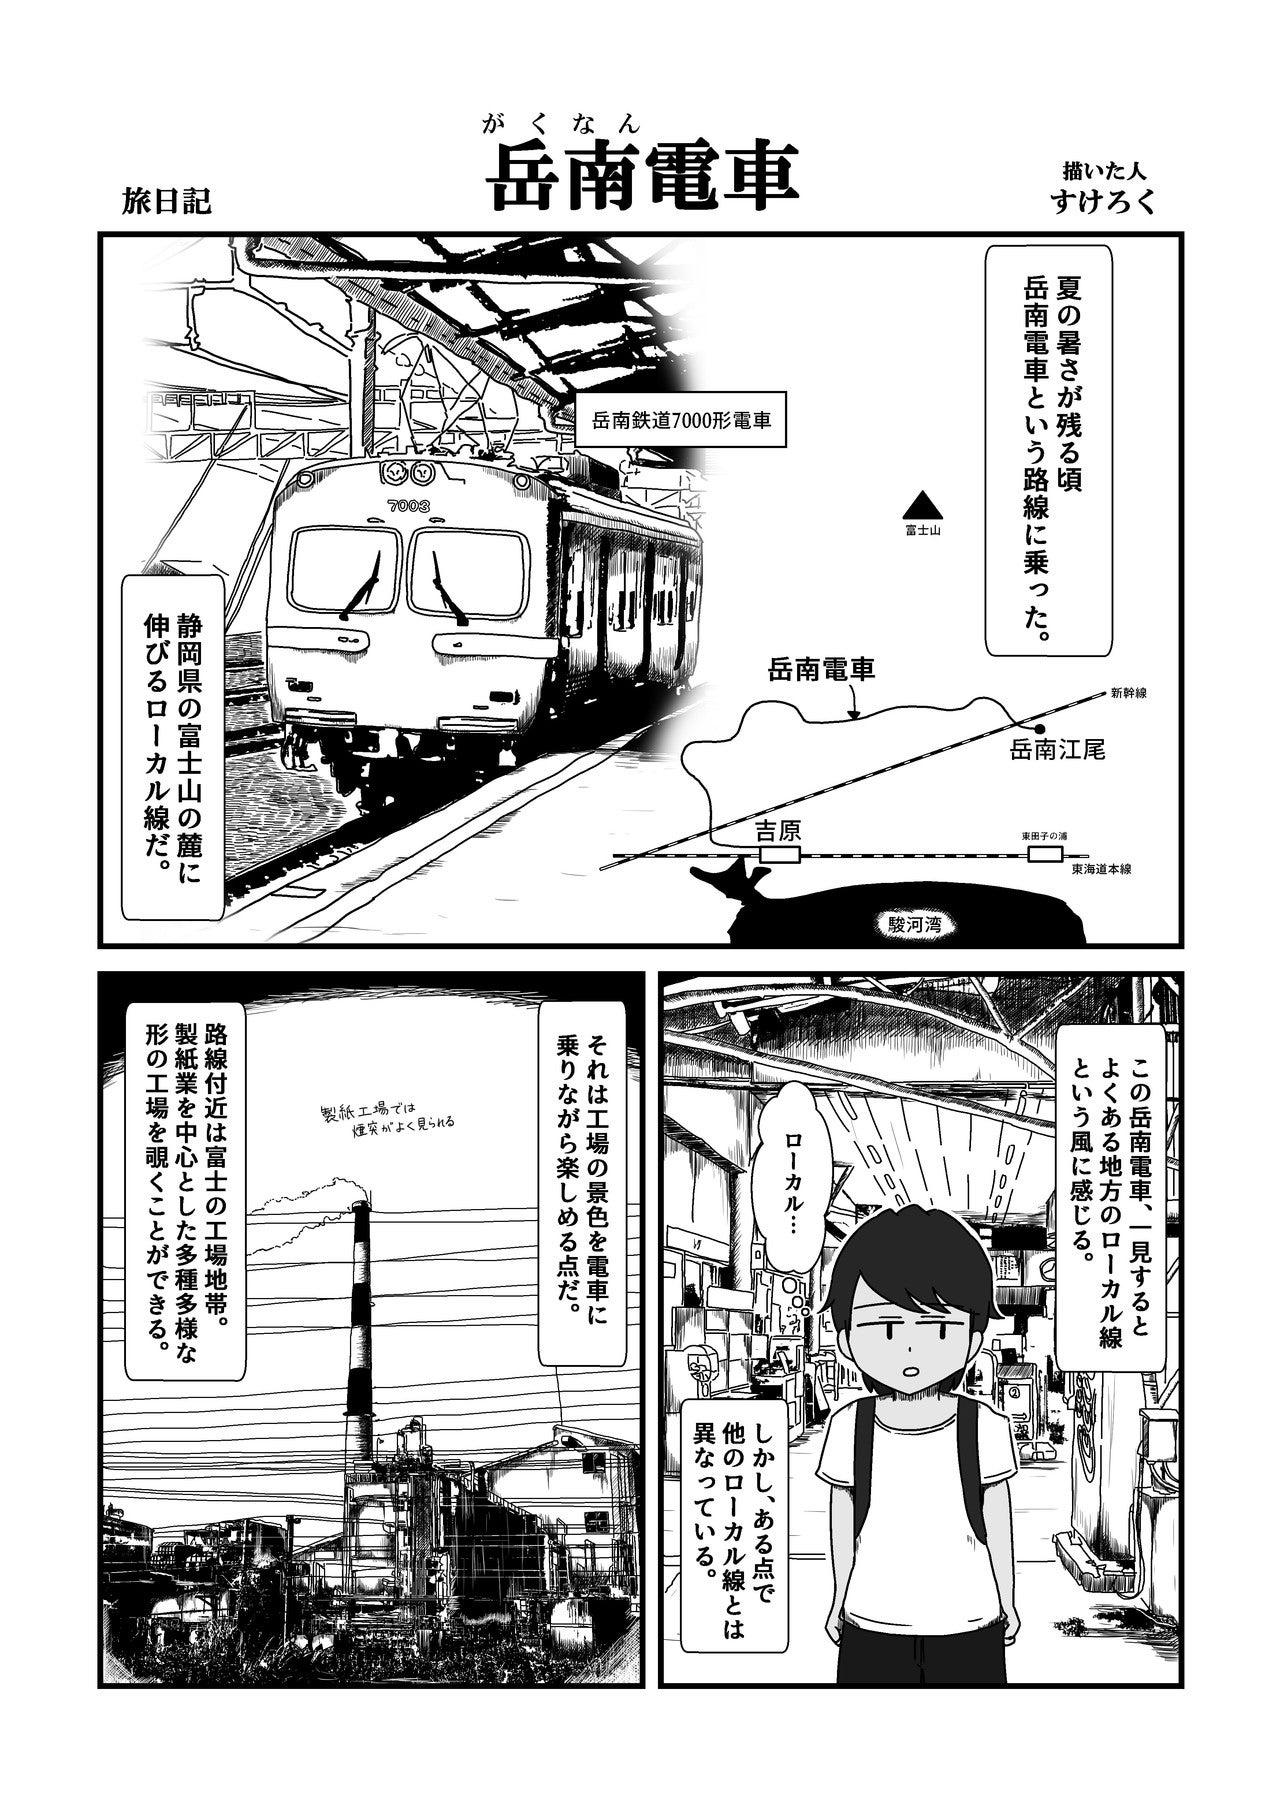 2019.3.30_旅漫画_岳南電車